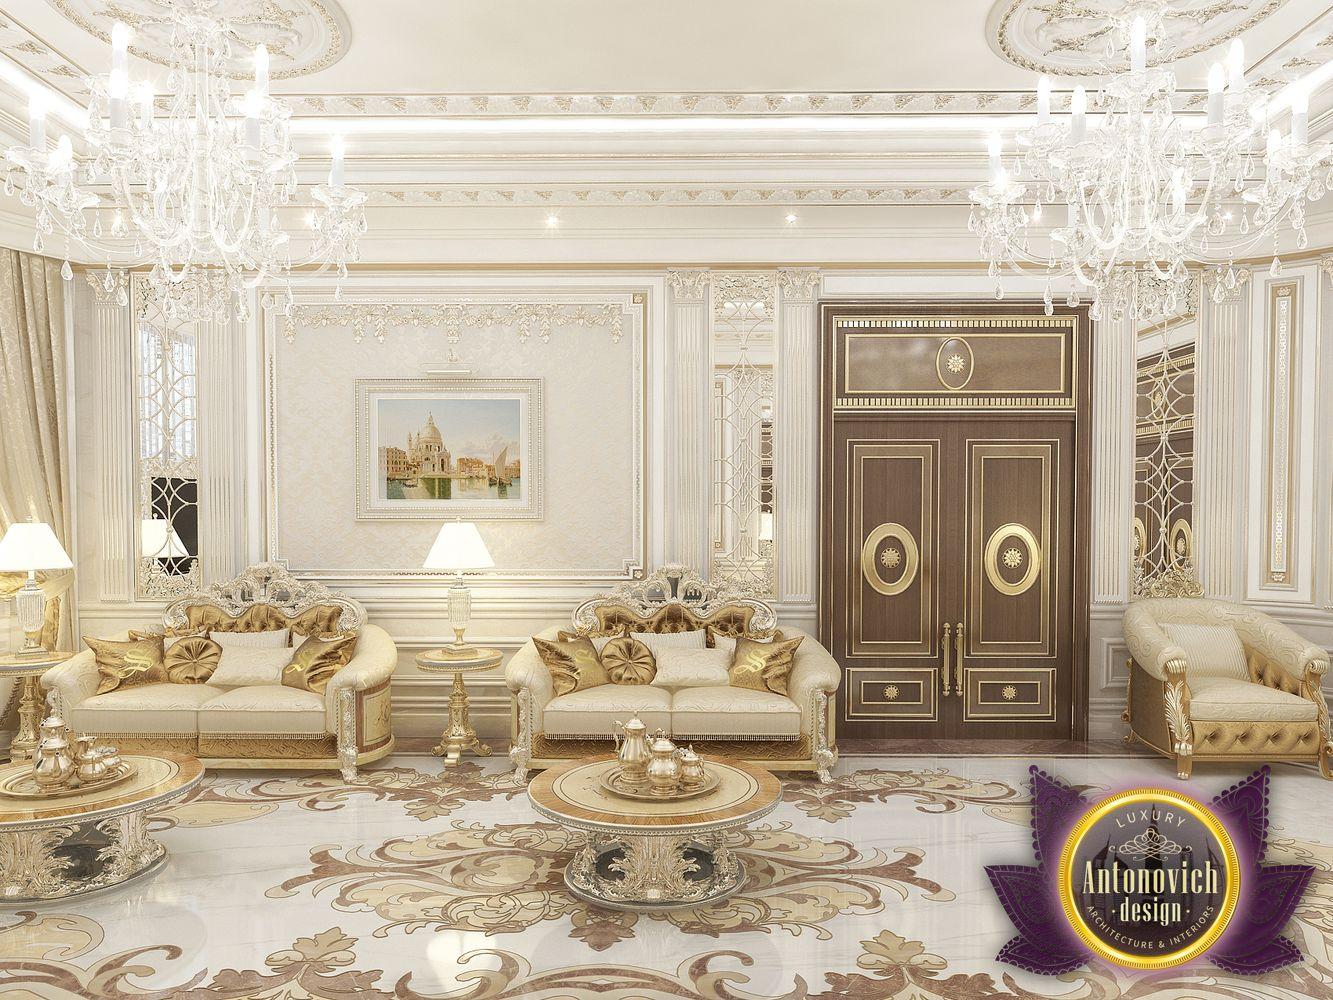 LUXURY ANTONOVICH DESIGN UAE: Living room interior design